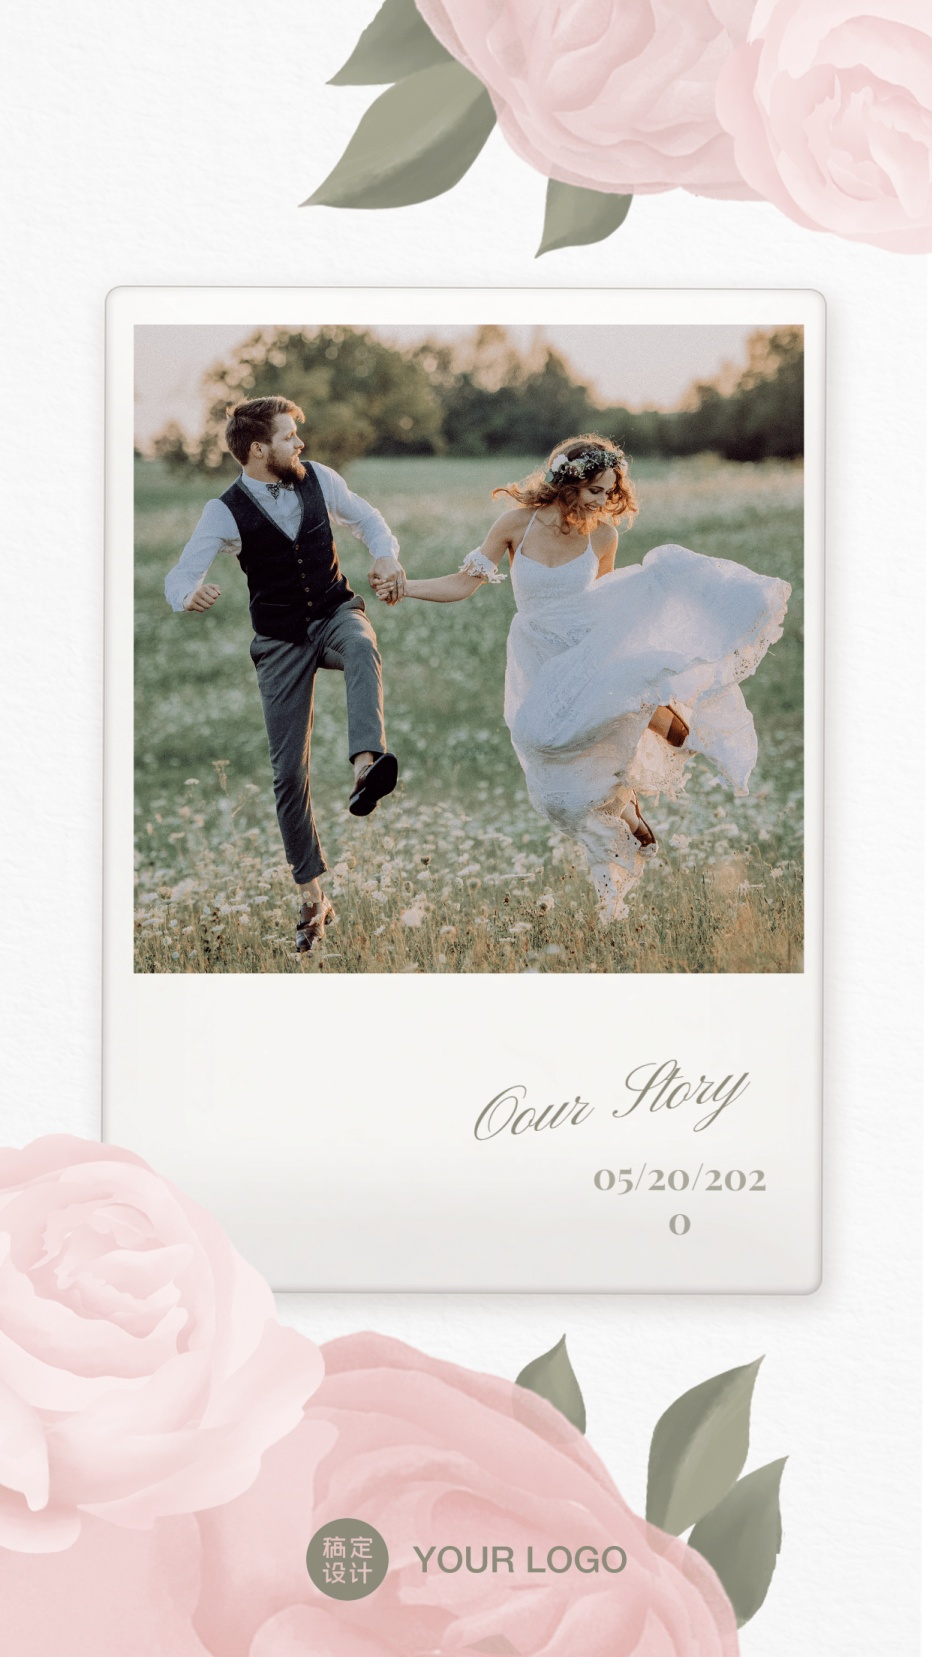 花朵照片拍立得相框纪念婚纱照